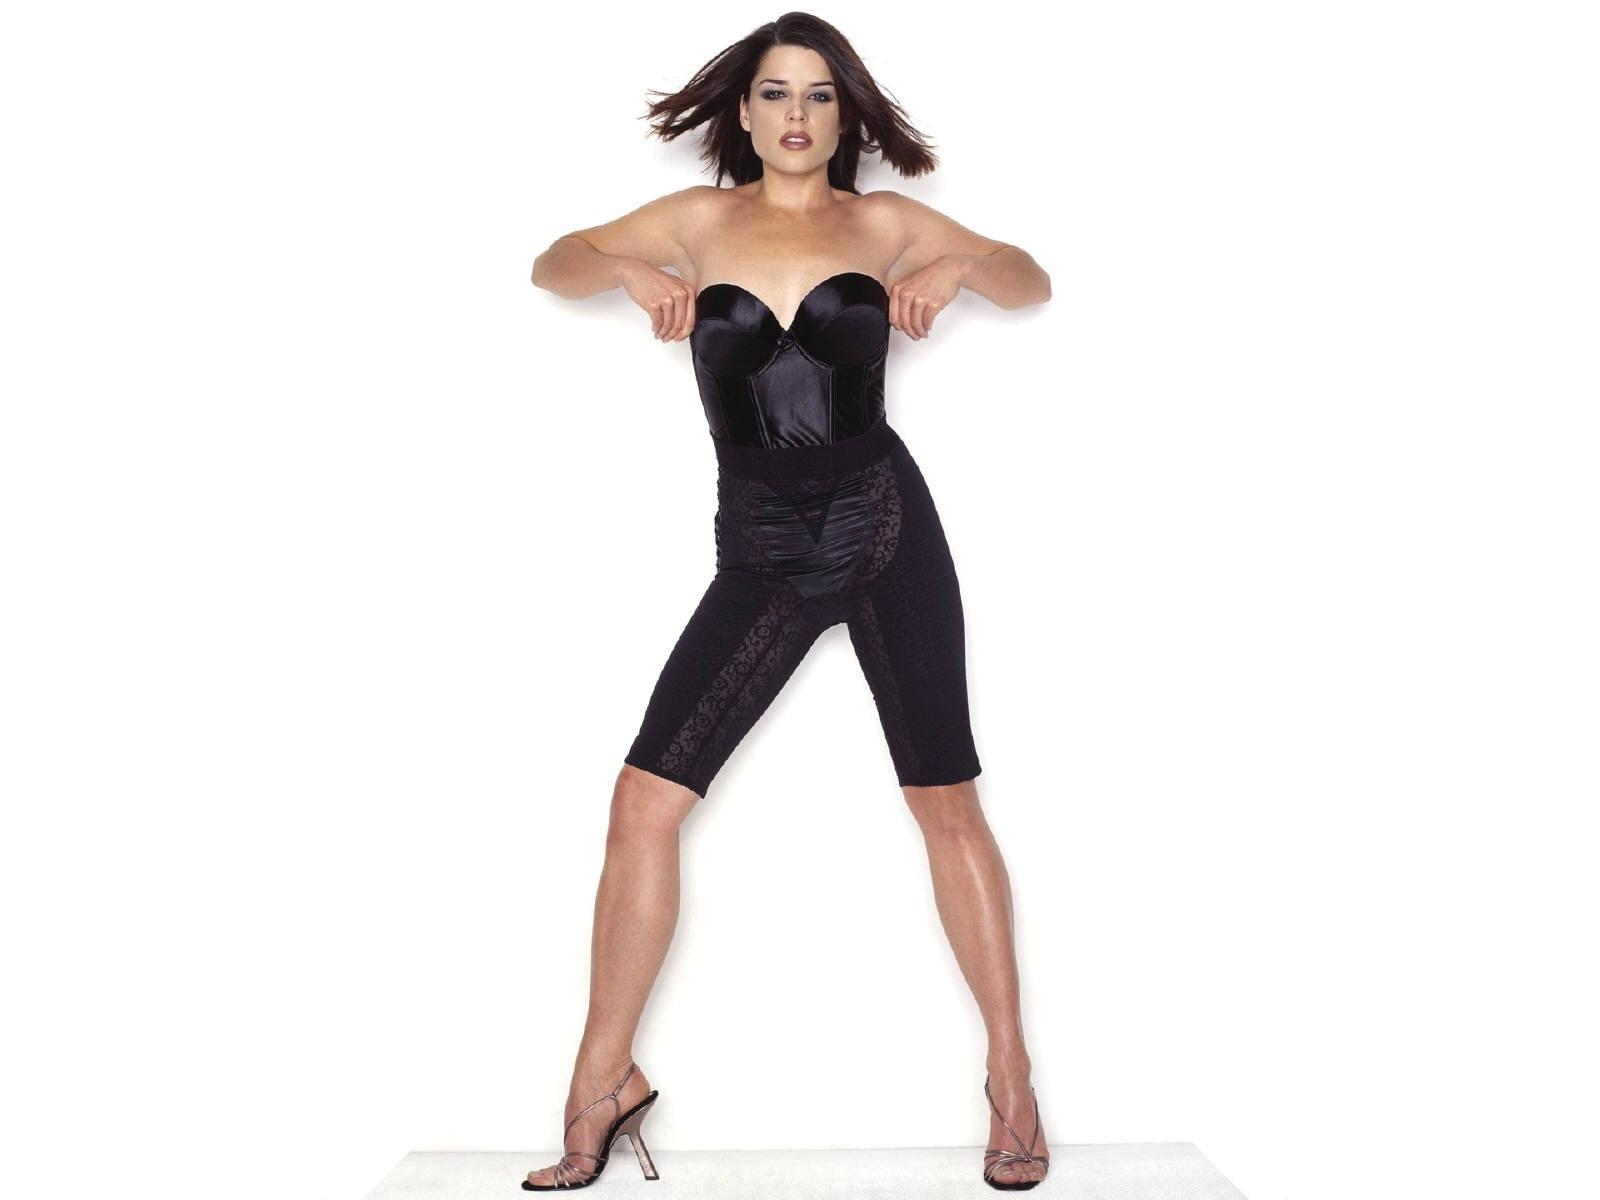 Wallpaper di Neve Campbell fasciata in un abito nero